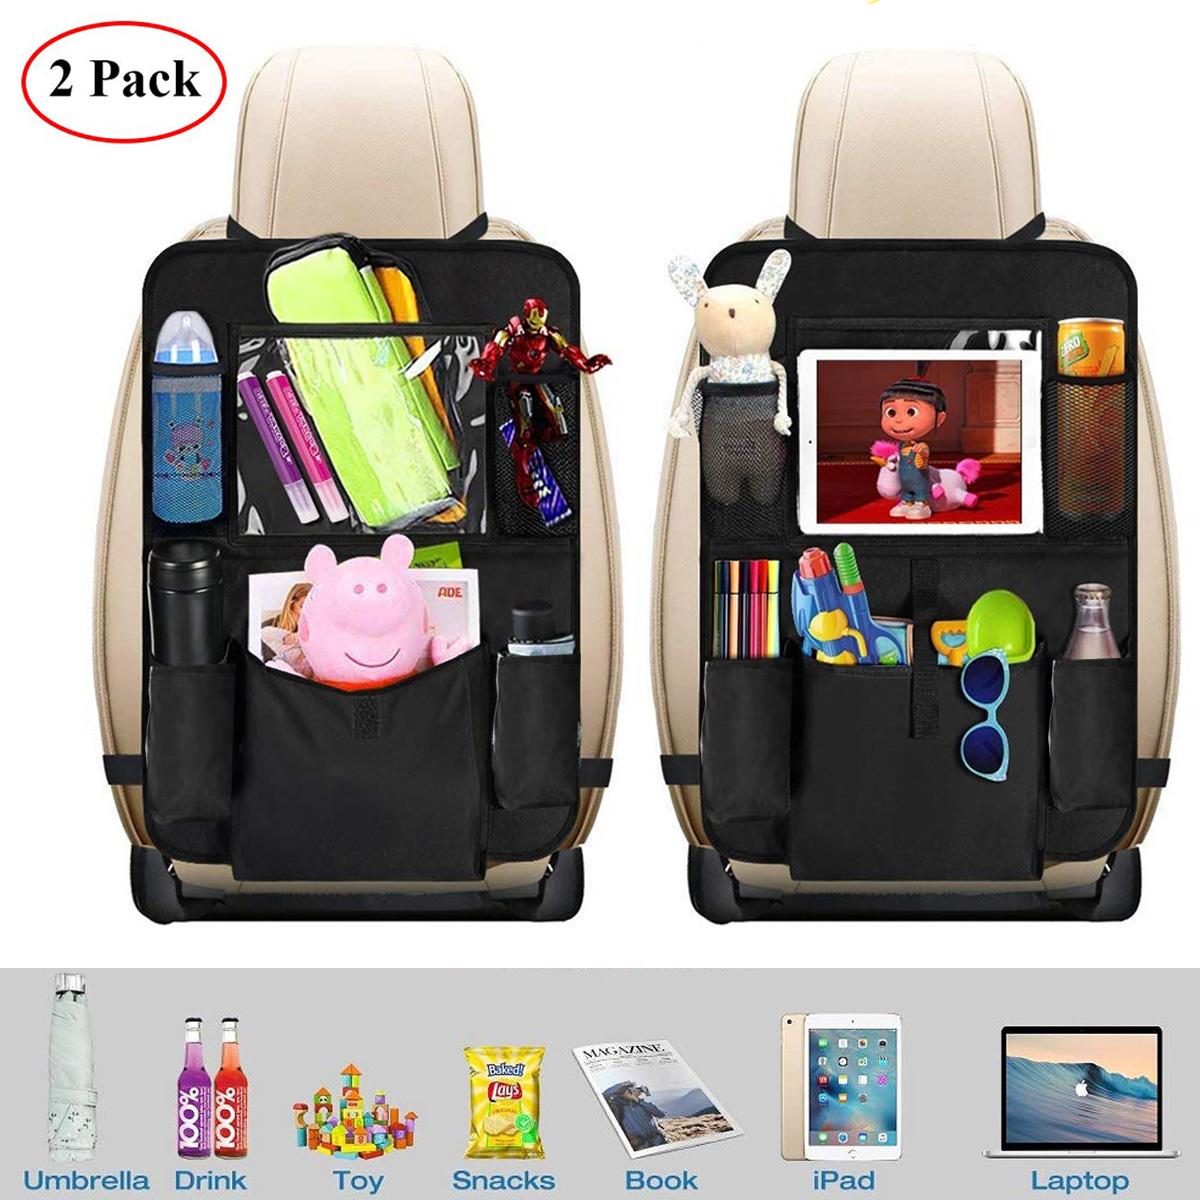 2x Auto-Rücksitz-Organizer-KinderSchmutzabweisender Rückenlehnen-schutz